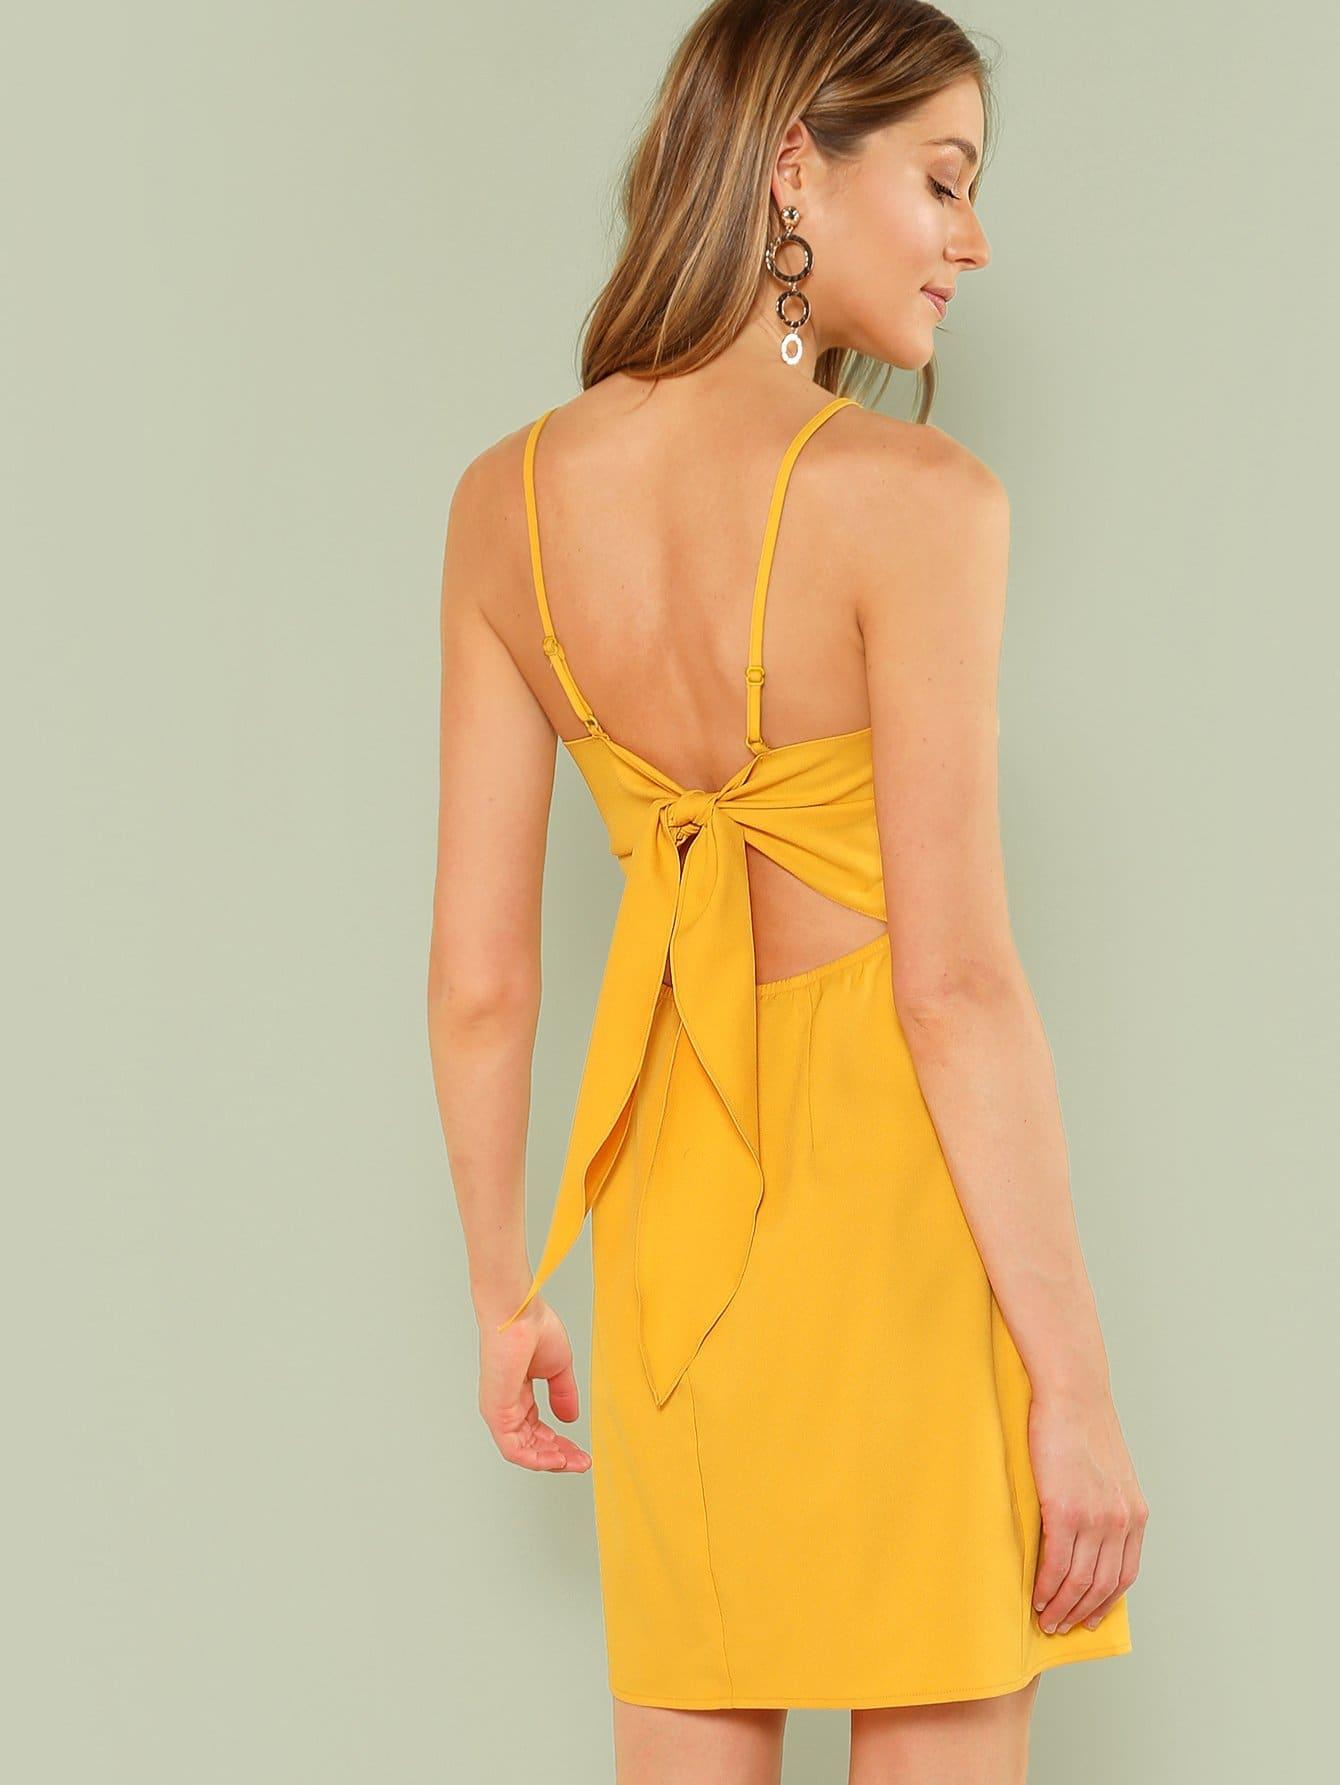 где купить Knot Back Solid Cami Dress дешево